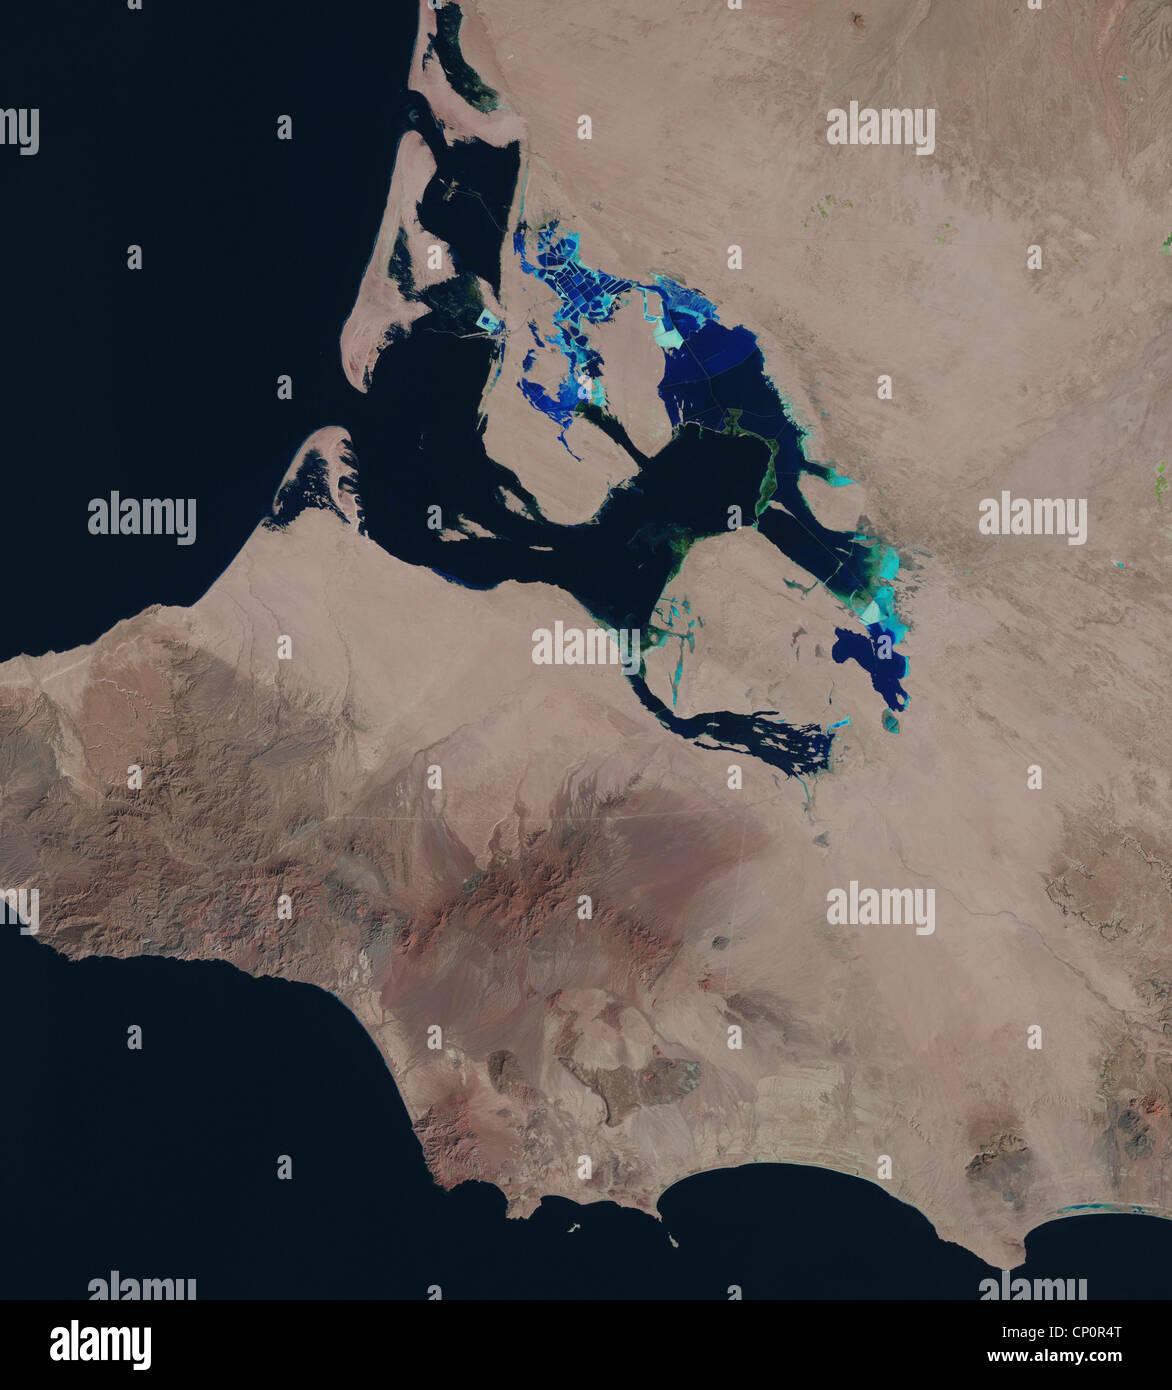 satellite image of Scammons Lagoon, Guerrero Negro, Baja, Mexico - Stock Image